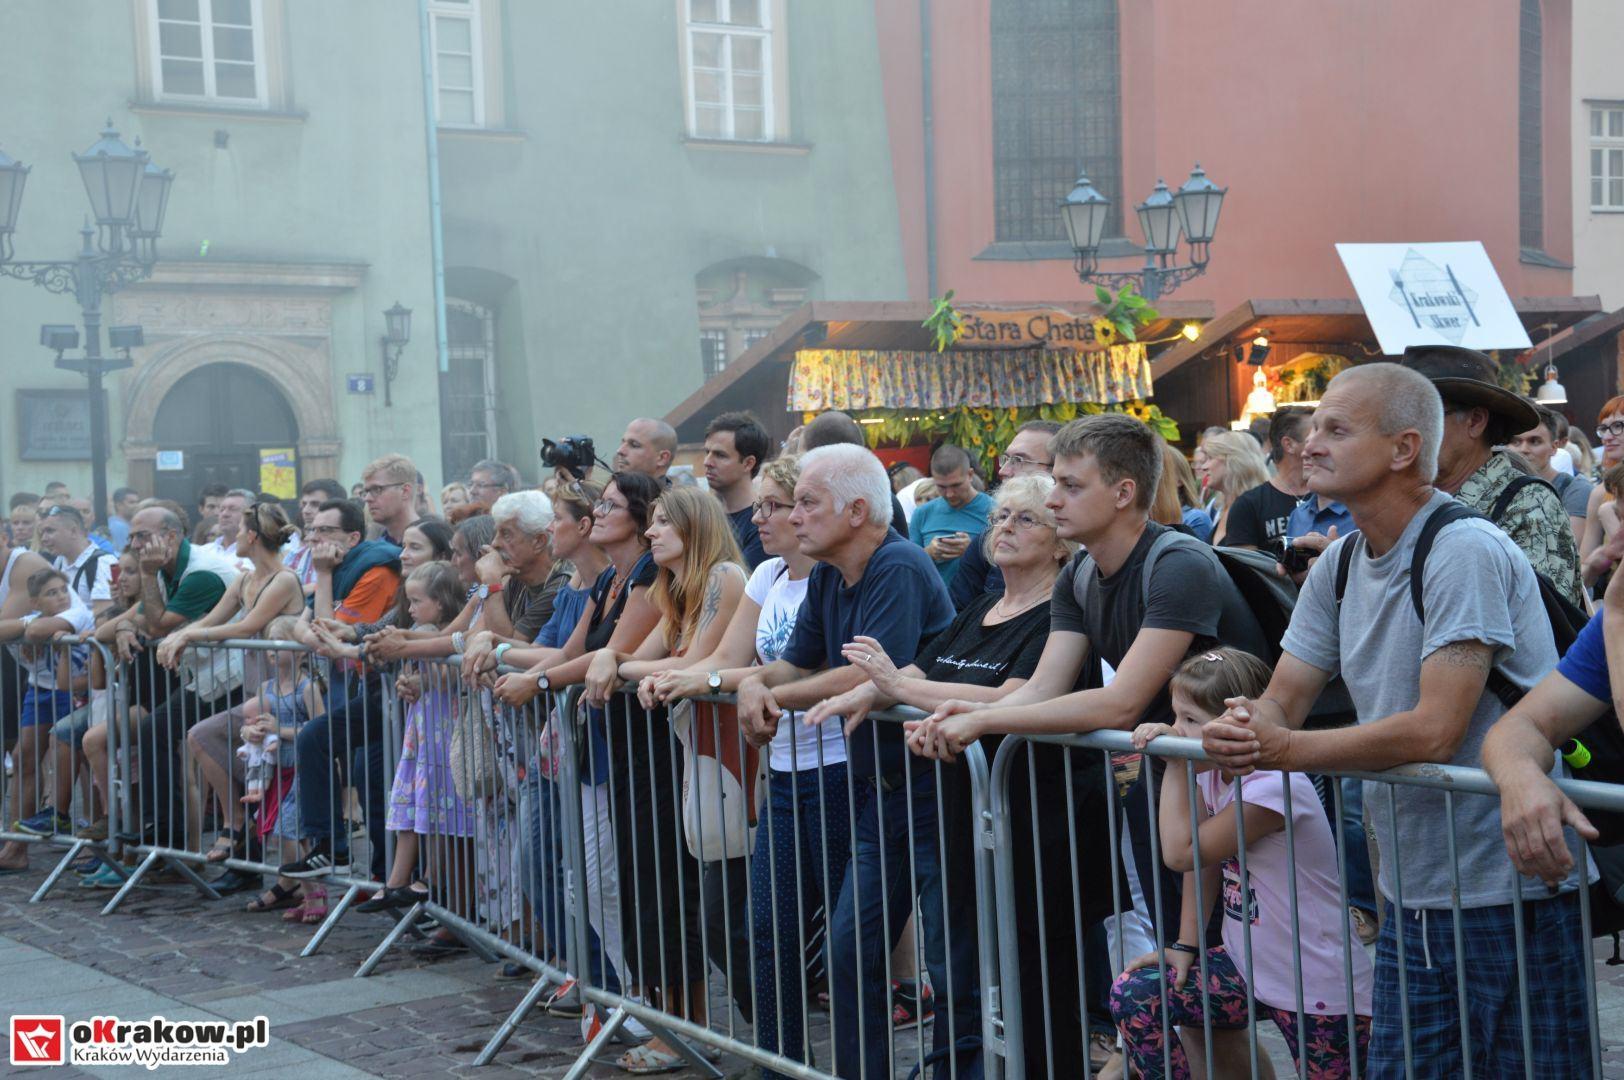 krakow festiwal pierogow maly rynek koncert cheap tobacco 168 150x150 - Galeria zdjęć Festiwal Pierogów Kraków 2018 + zdjęcia z koncertu Cheap Tobacco